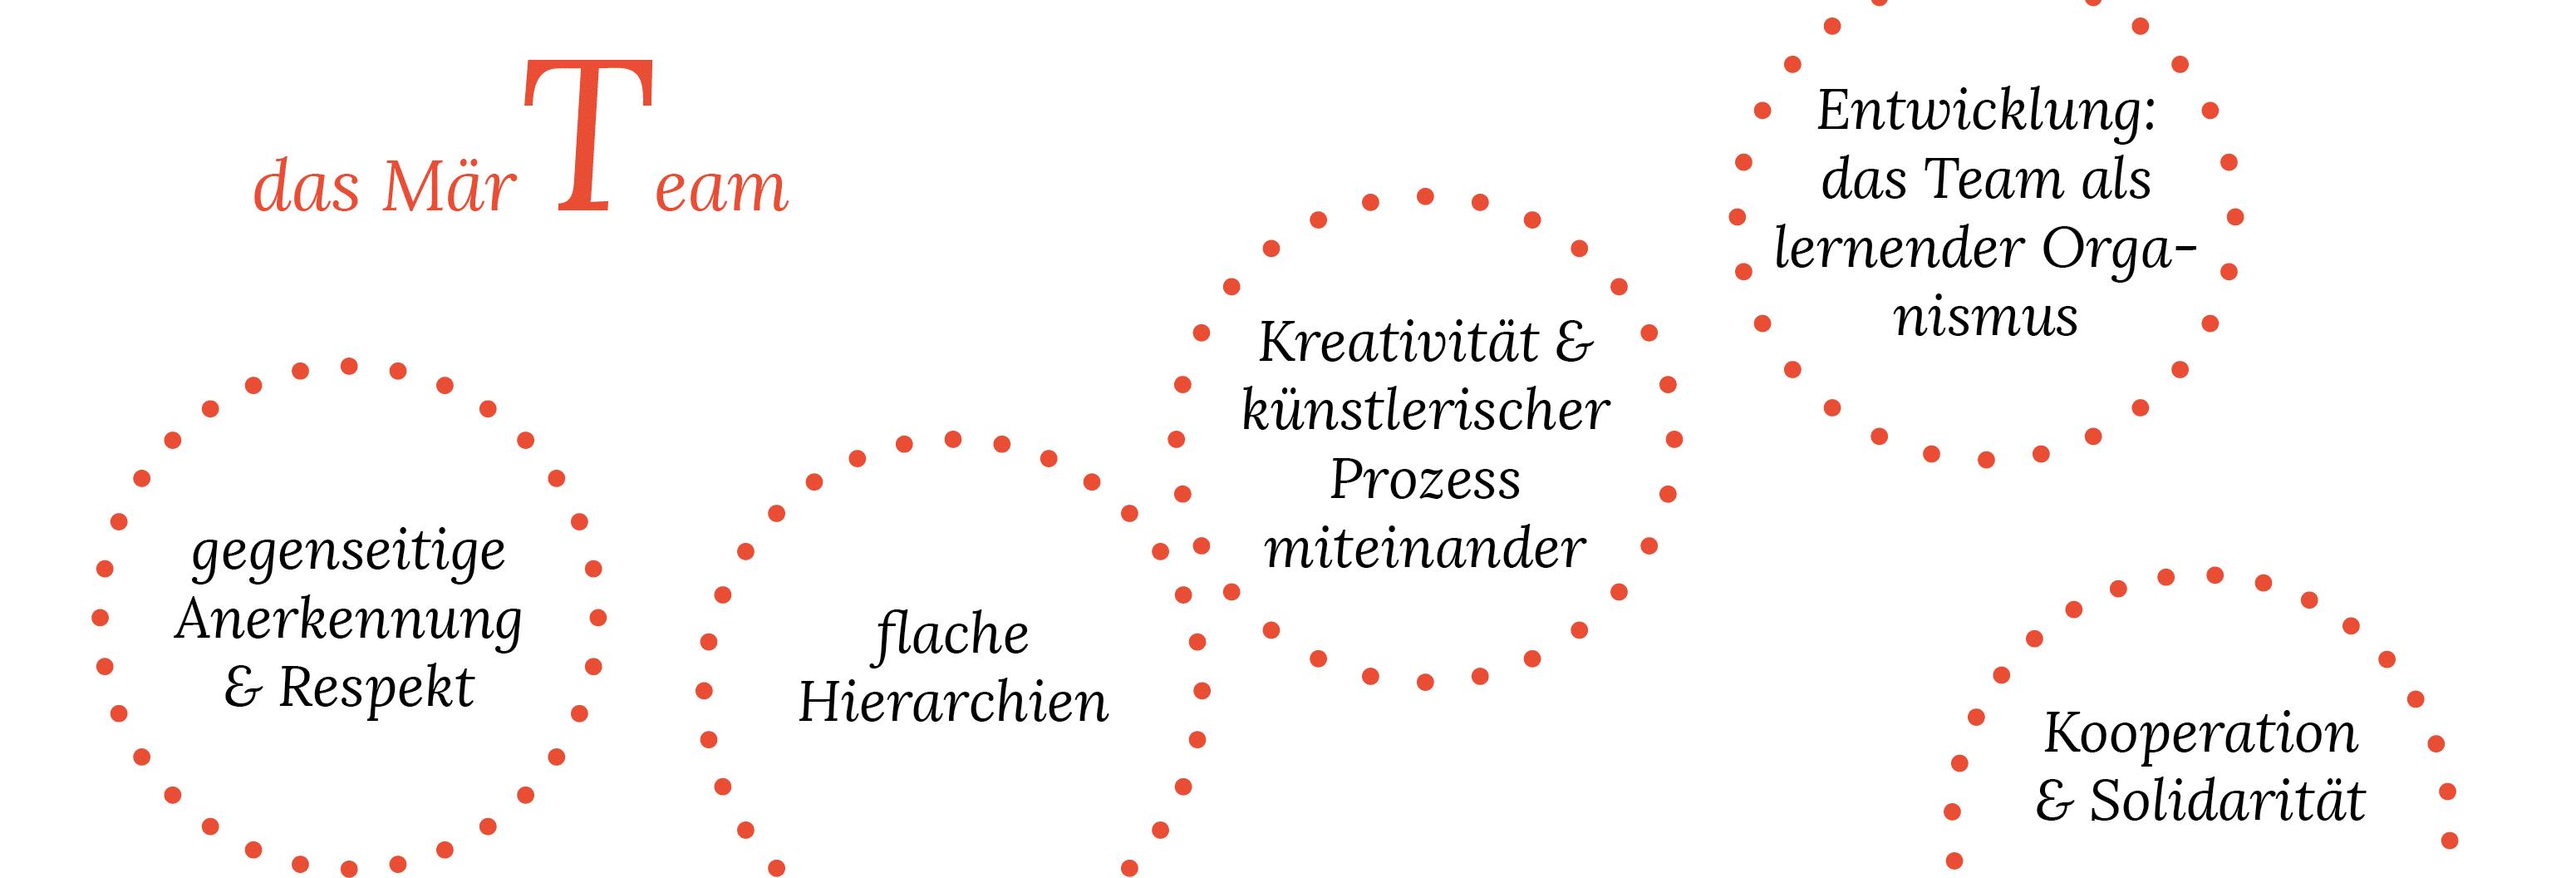 Eine Abbildung, die die Eigenschaften des Mär Teams beschreibt.